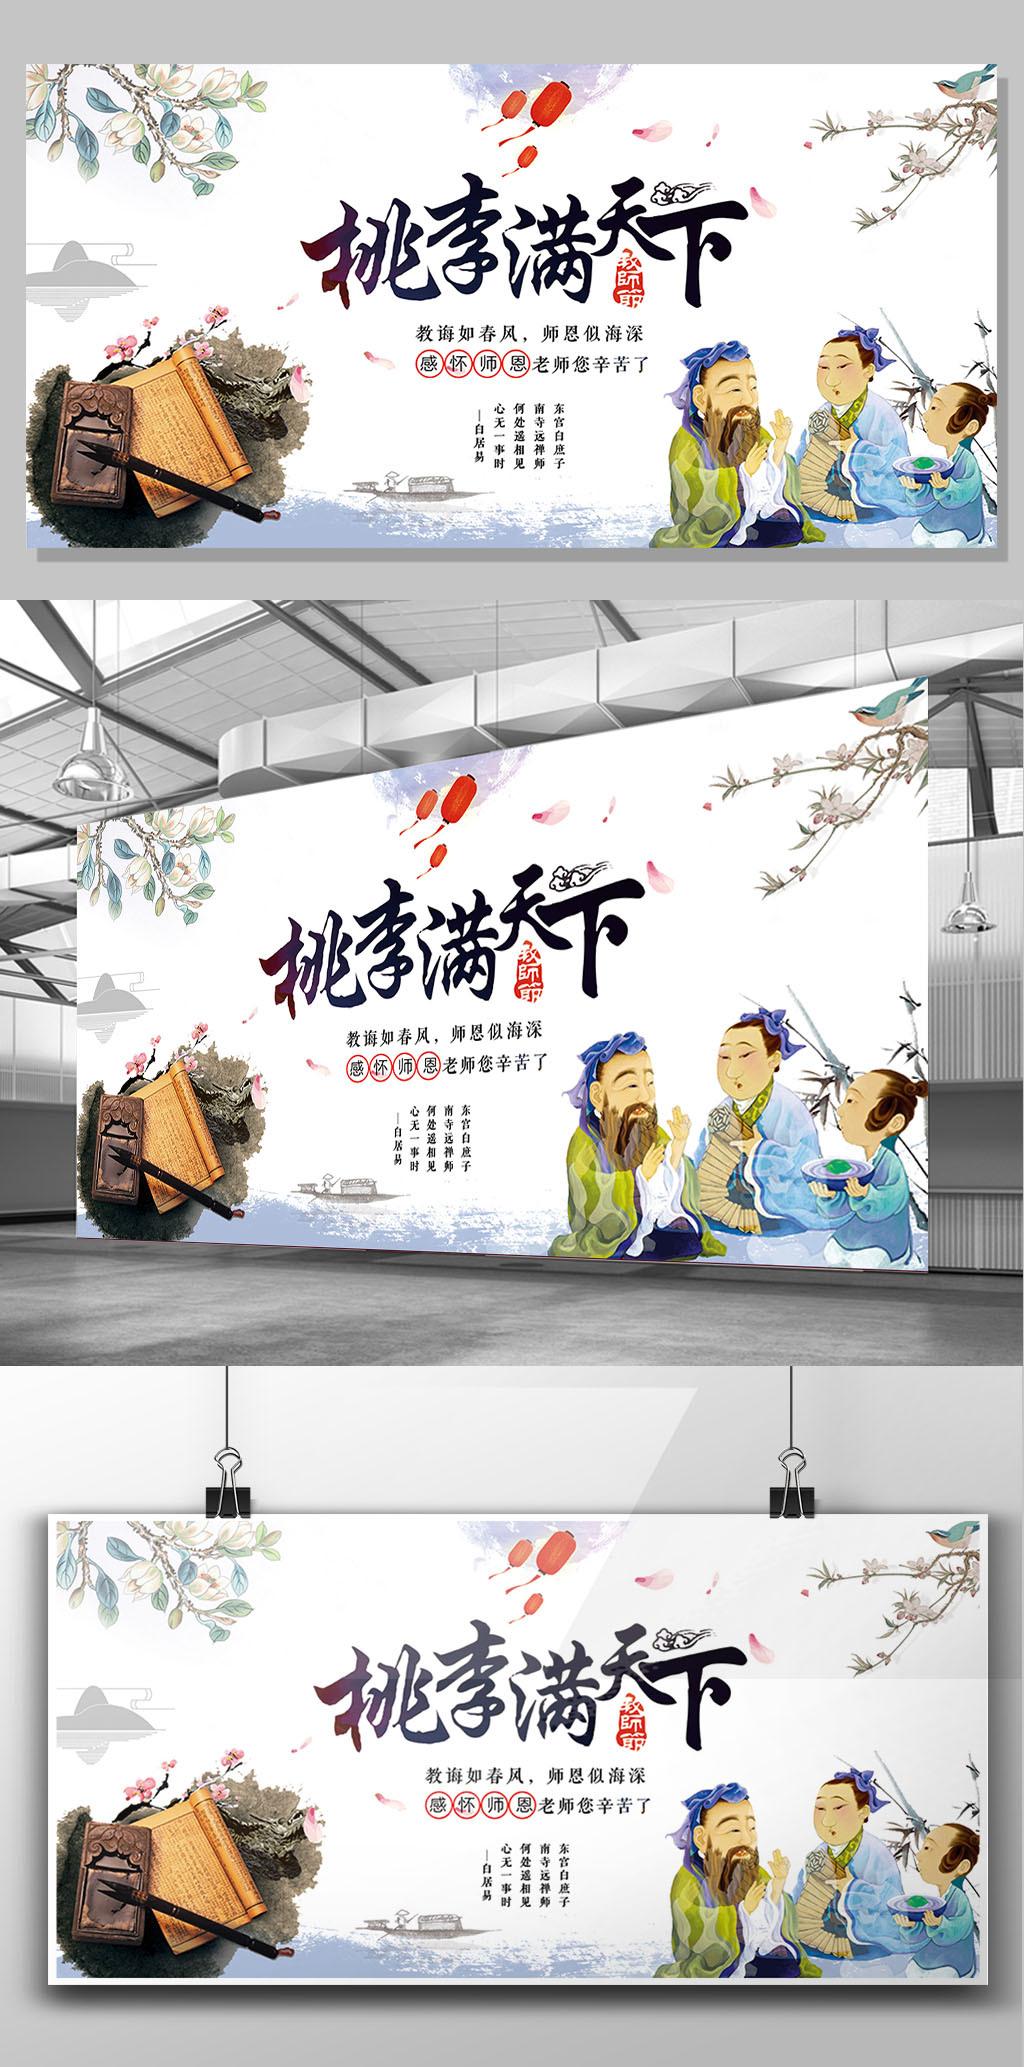 中国风桃李满天下教师节展板